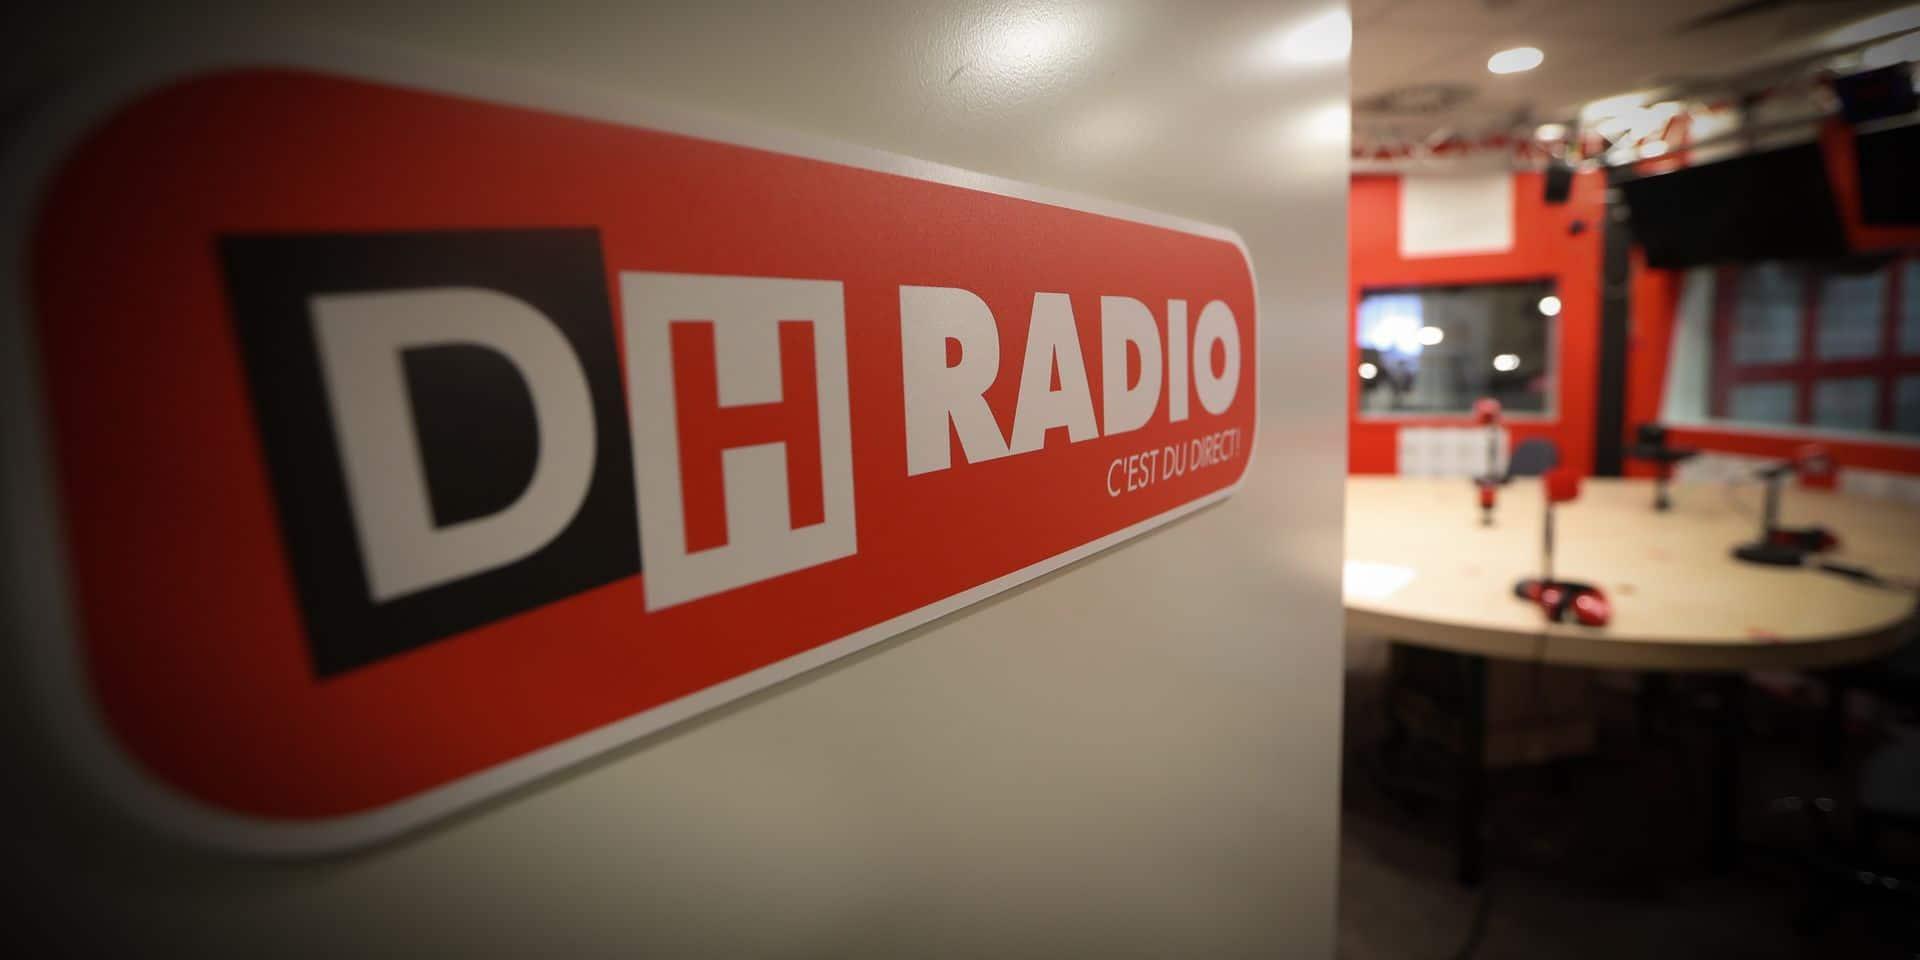 Plan de fréquences: Le Conseil d'État suspend le refus d'attribution d'un réseau à DH Radio (IPM)